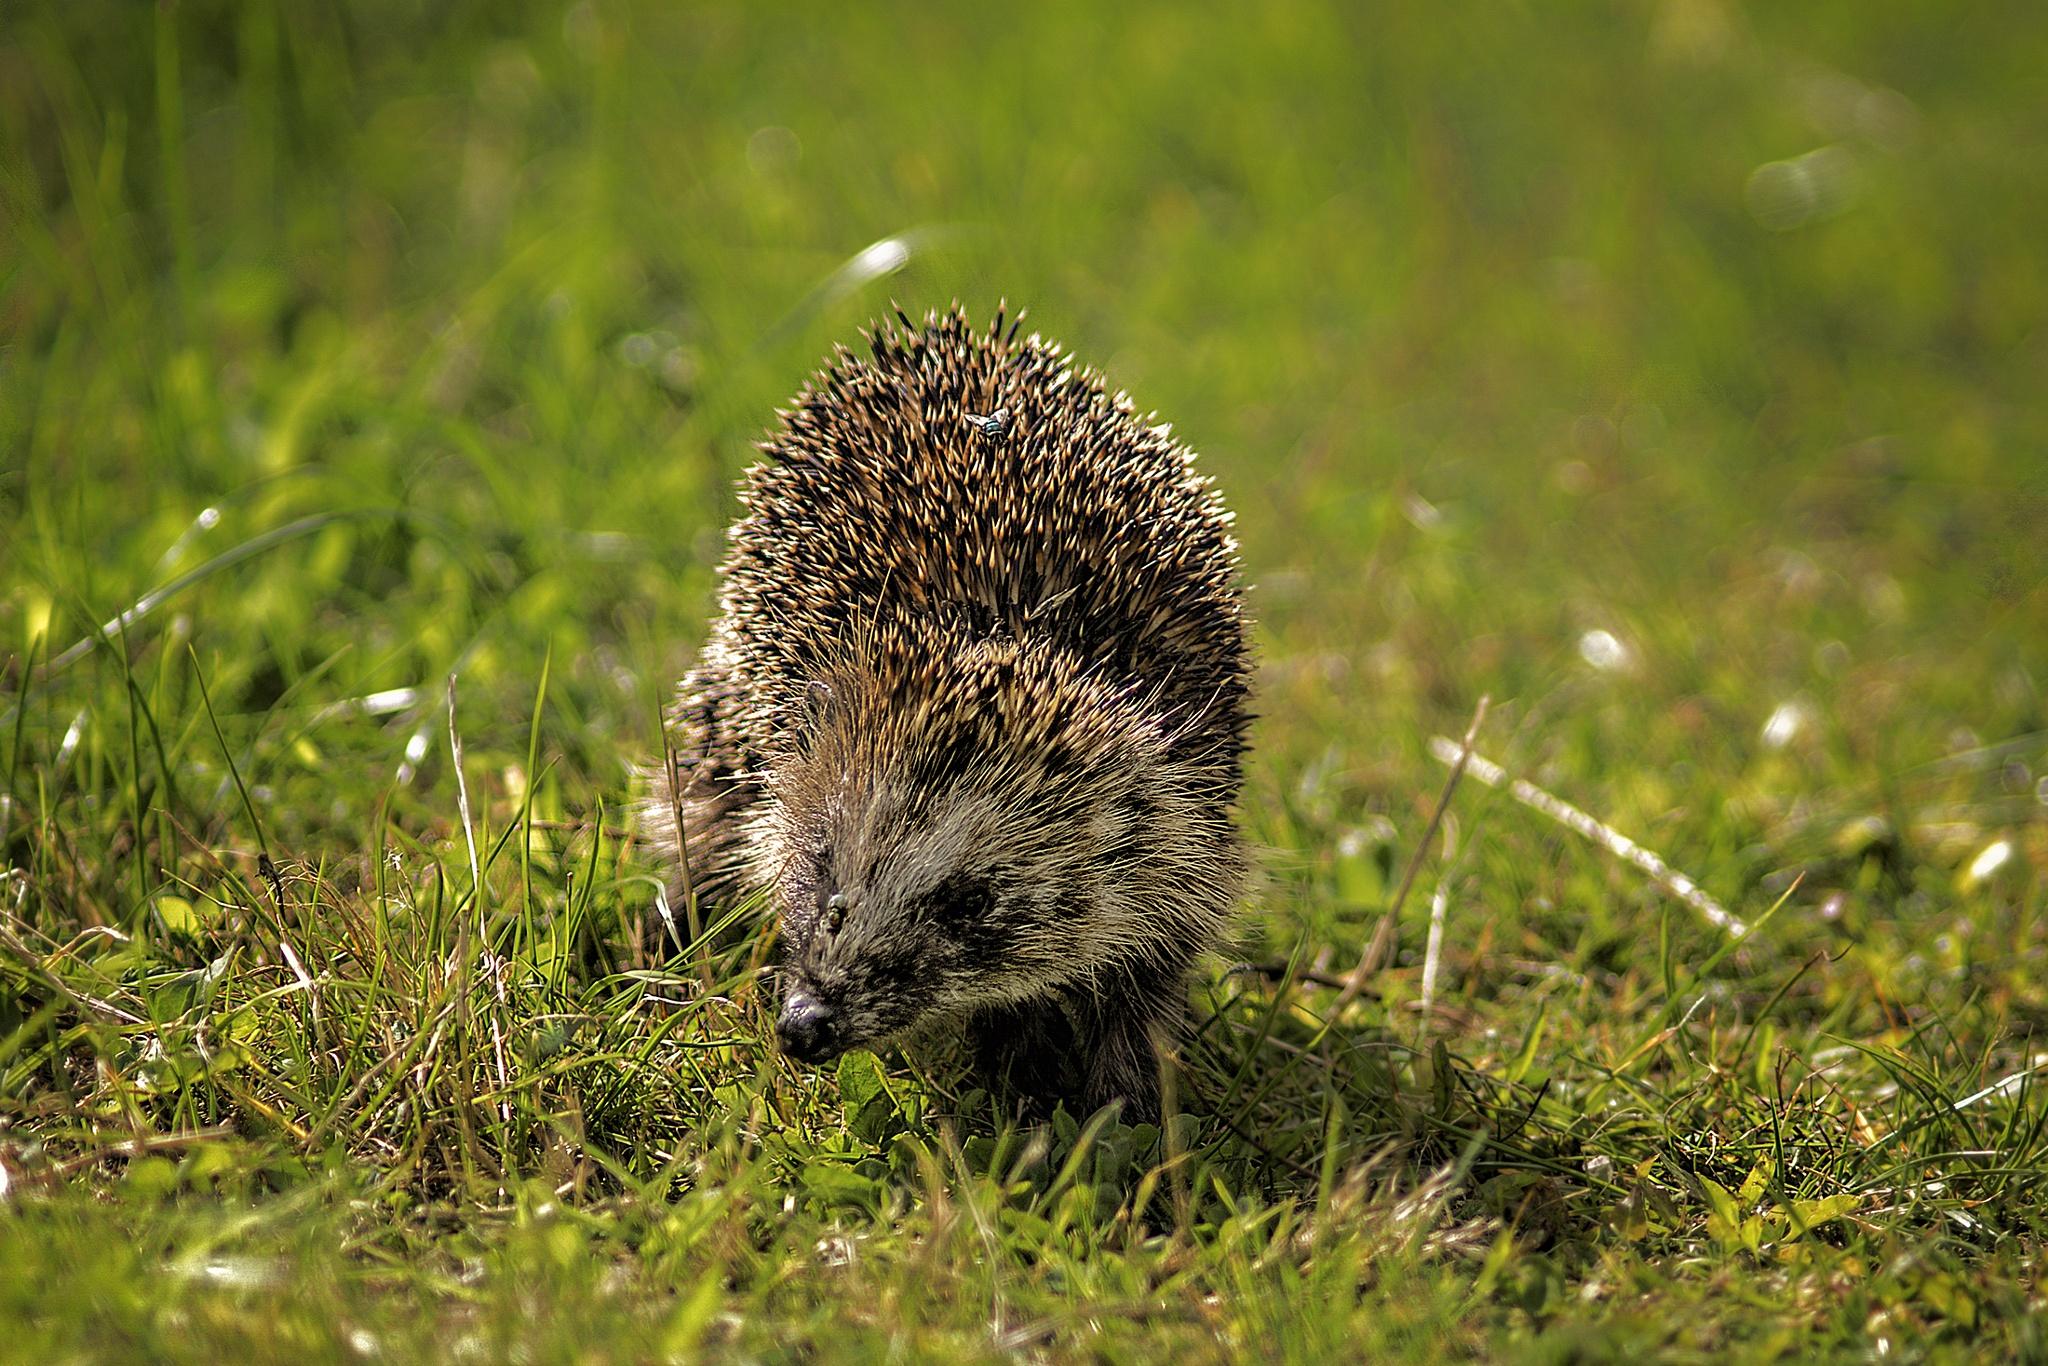 Hedgehog by Wim Van De Meerendonk